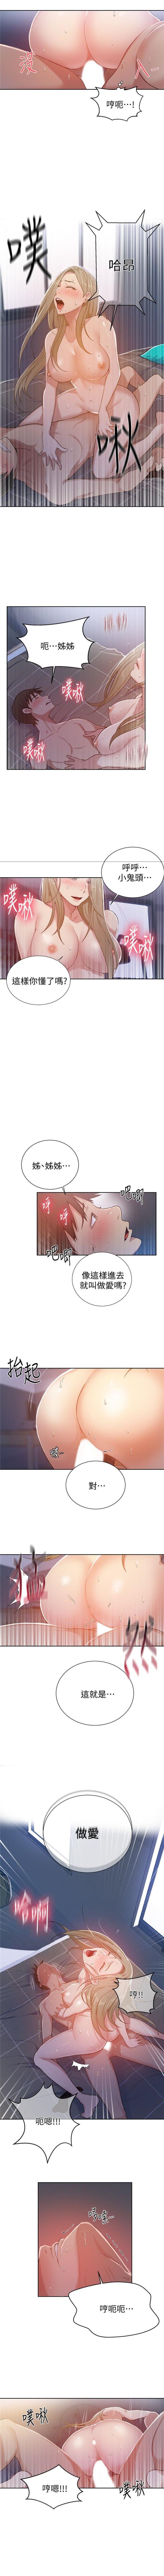 (週6)秘密教學  1-35 中文翻譯 (更新中) 84